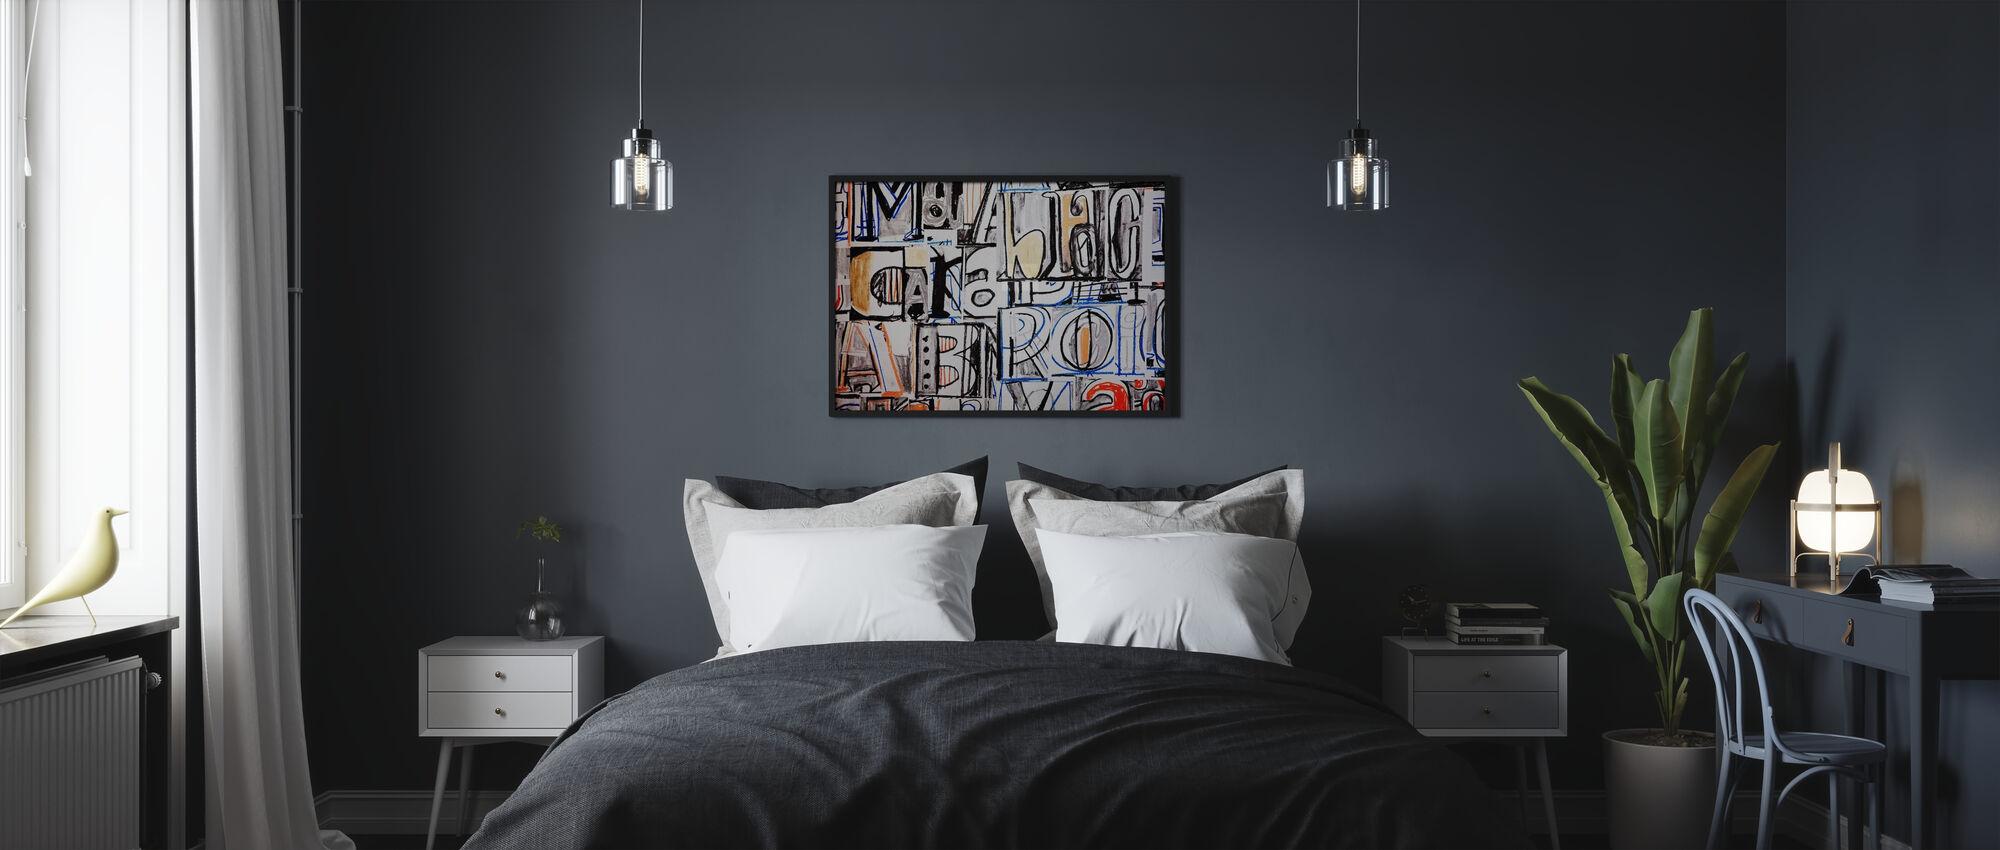 Carattere funky: lettera graffiti - Poster - Camera da letto